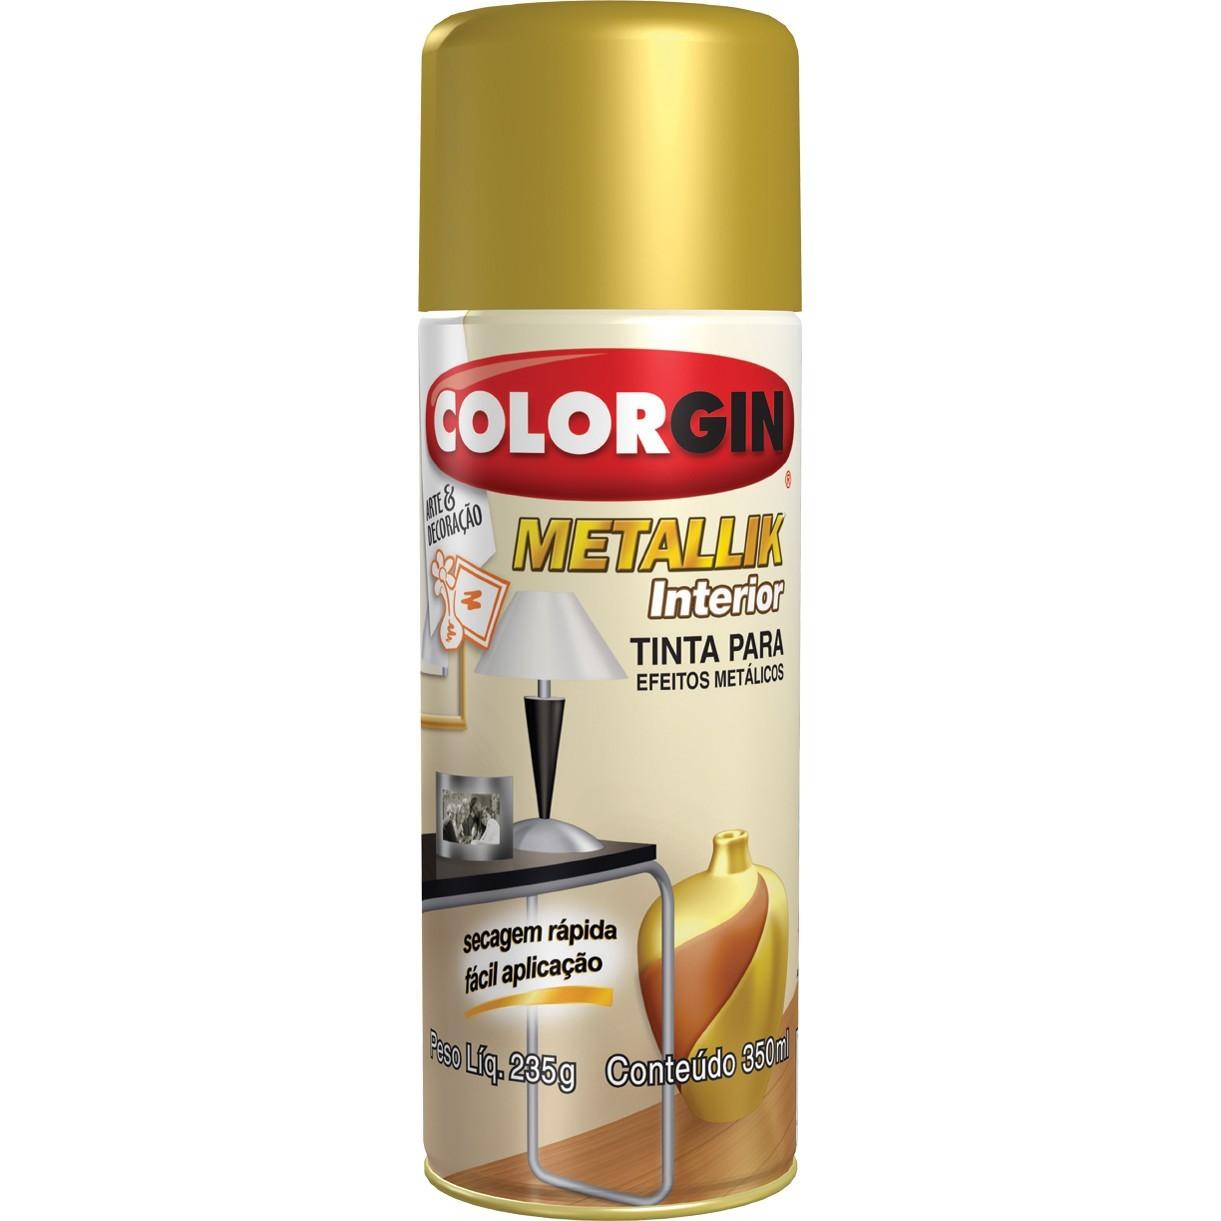 Tinta Spray Brilhante Metallik Interno - Cobre - 350ml - Colorgin